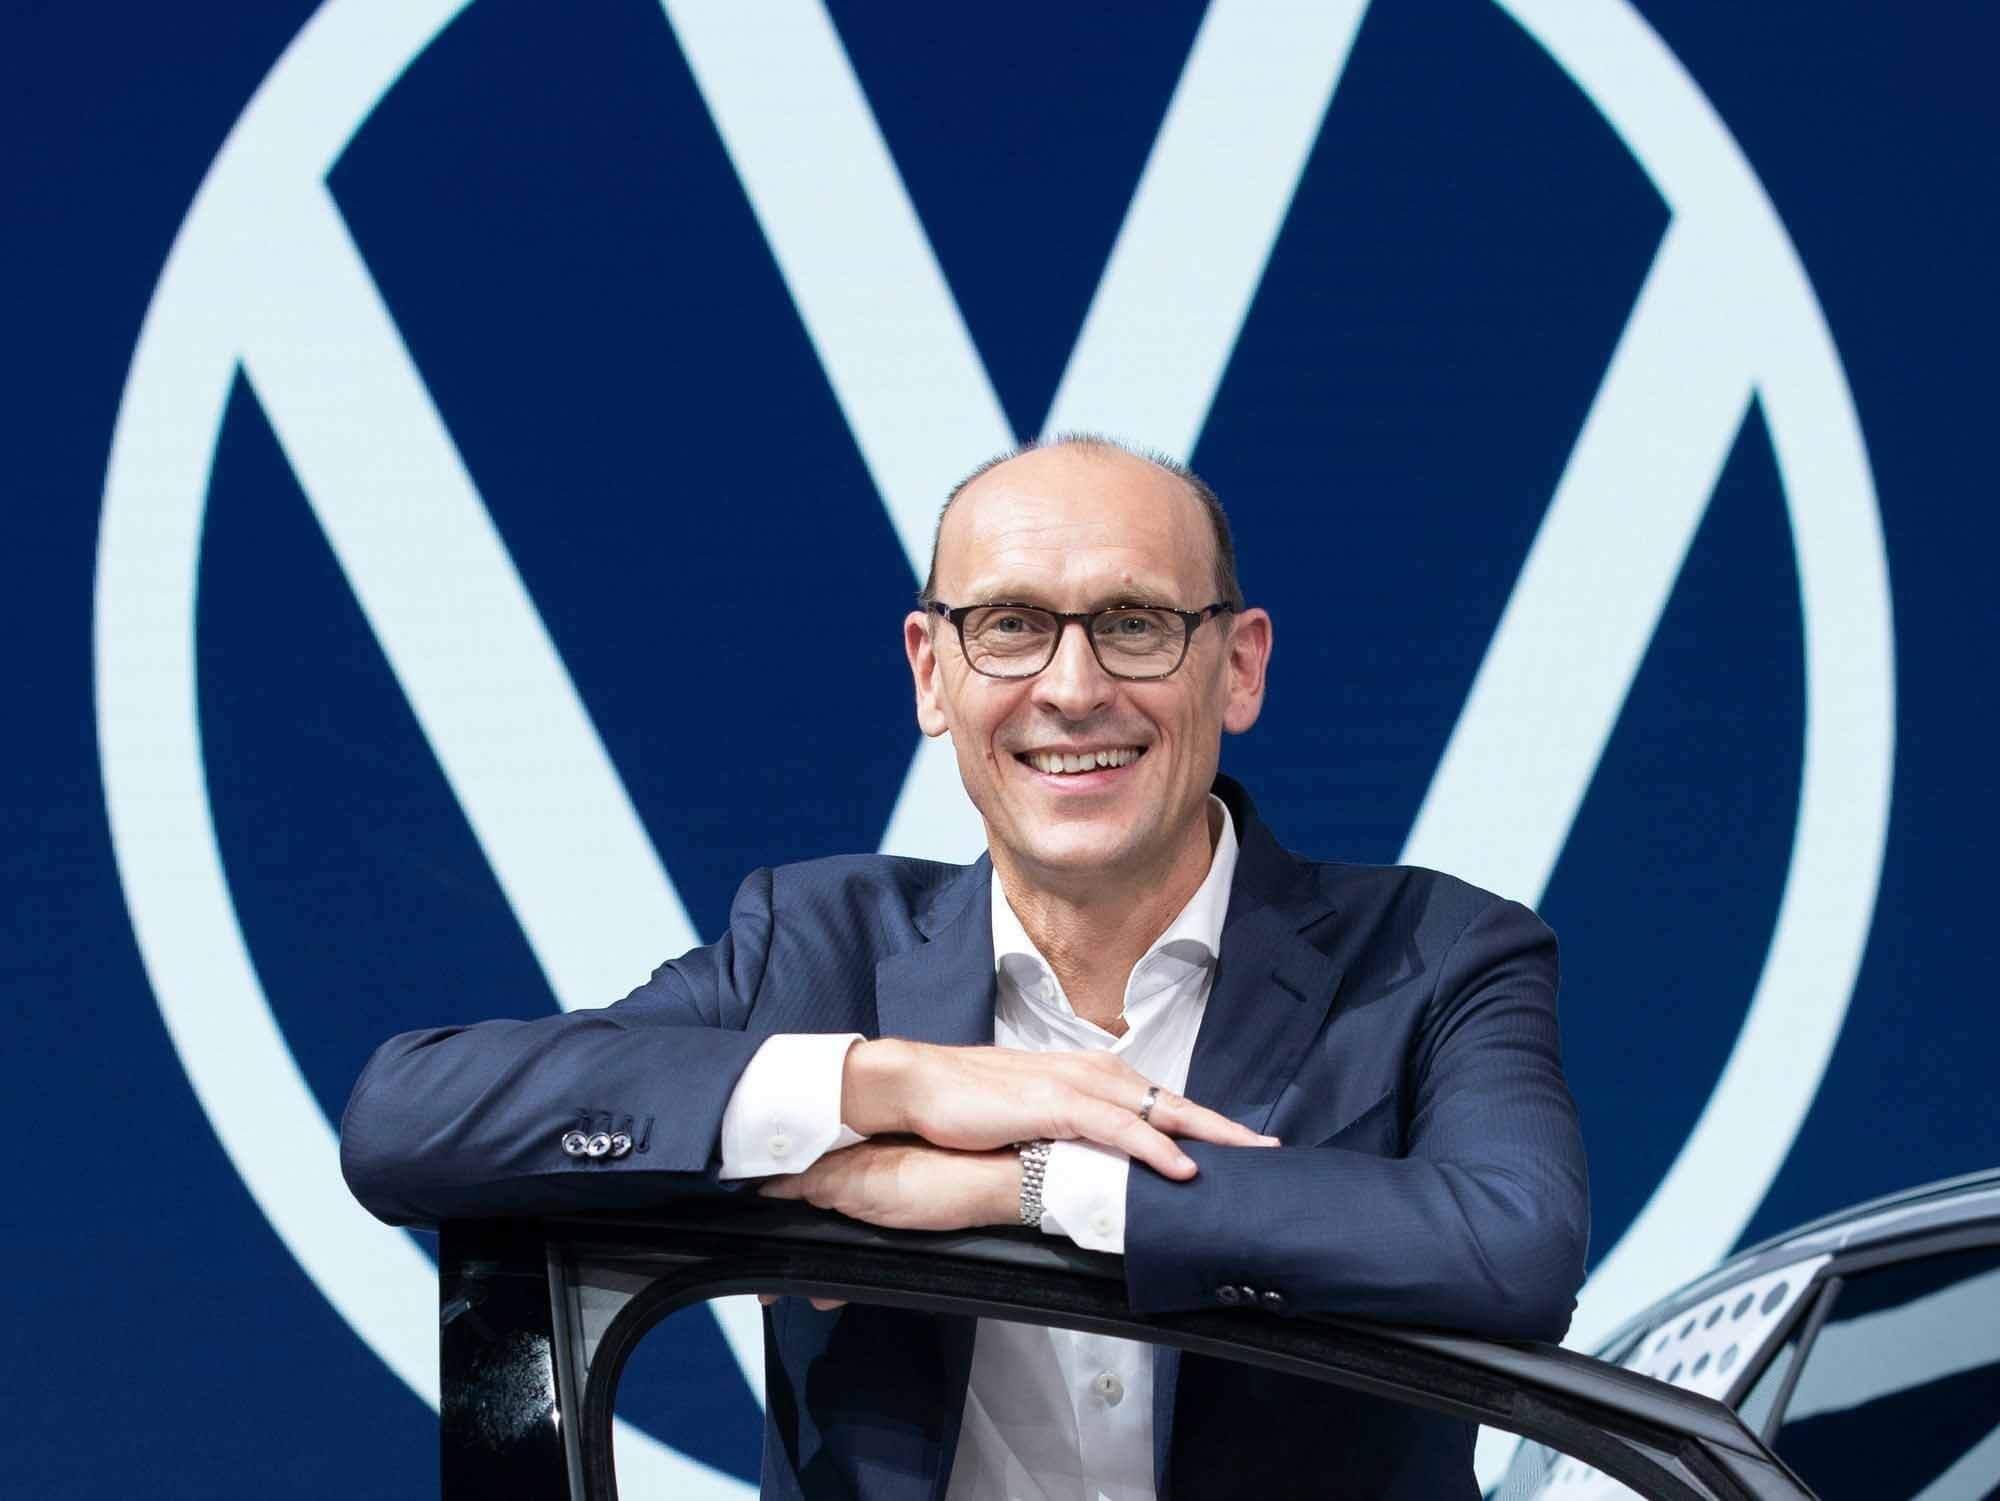 Новый глава VW официально: протеже профсоюзов вместо уроженца Порше